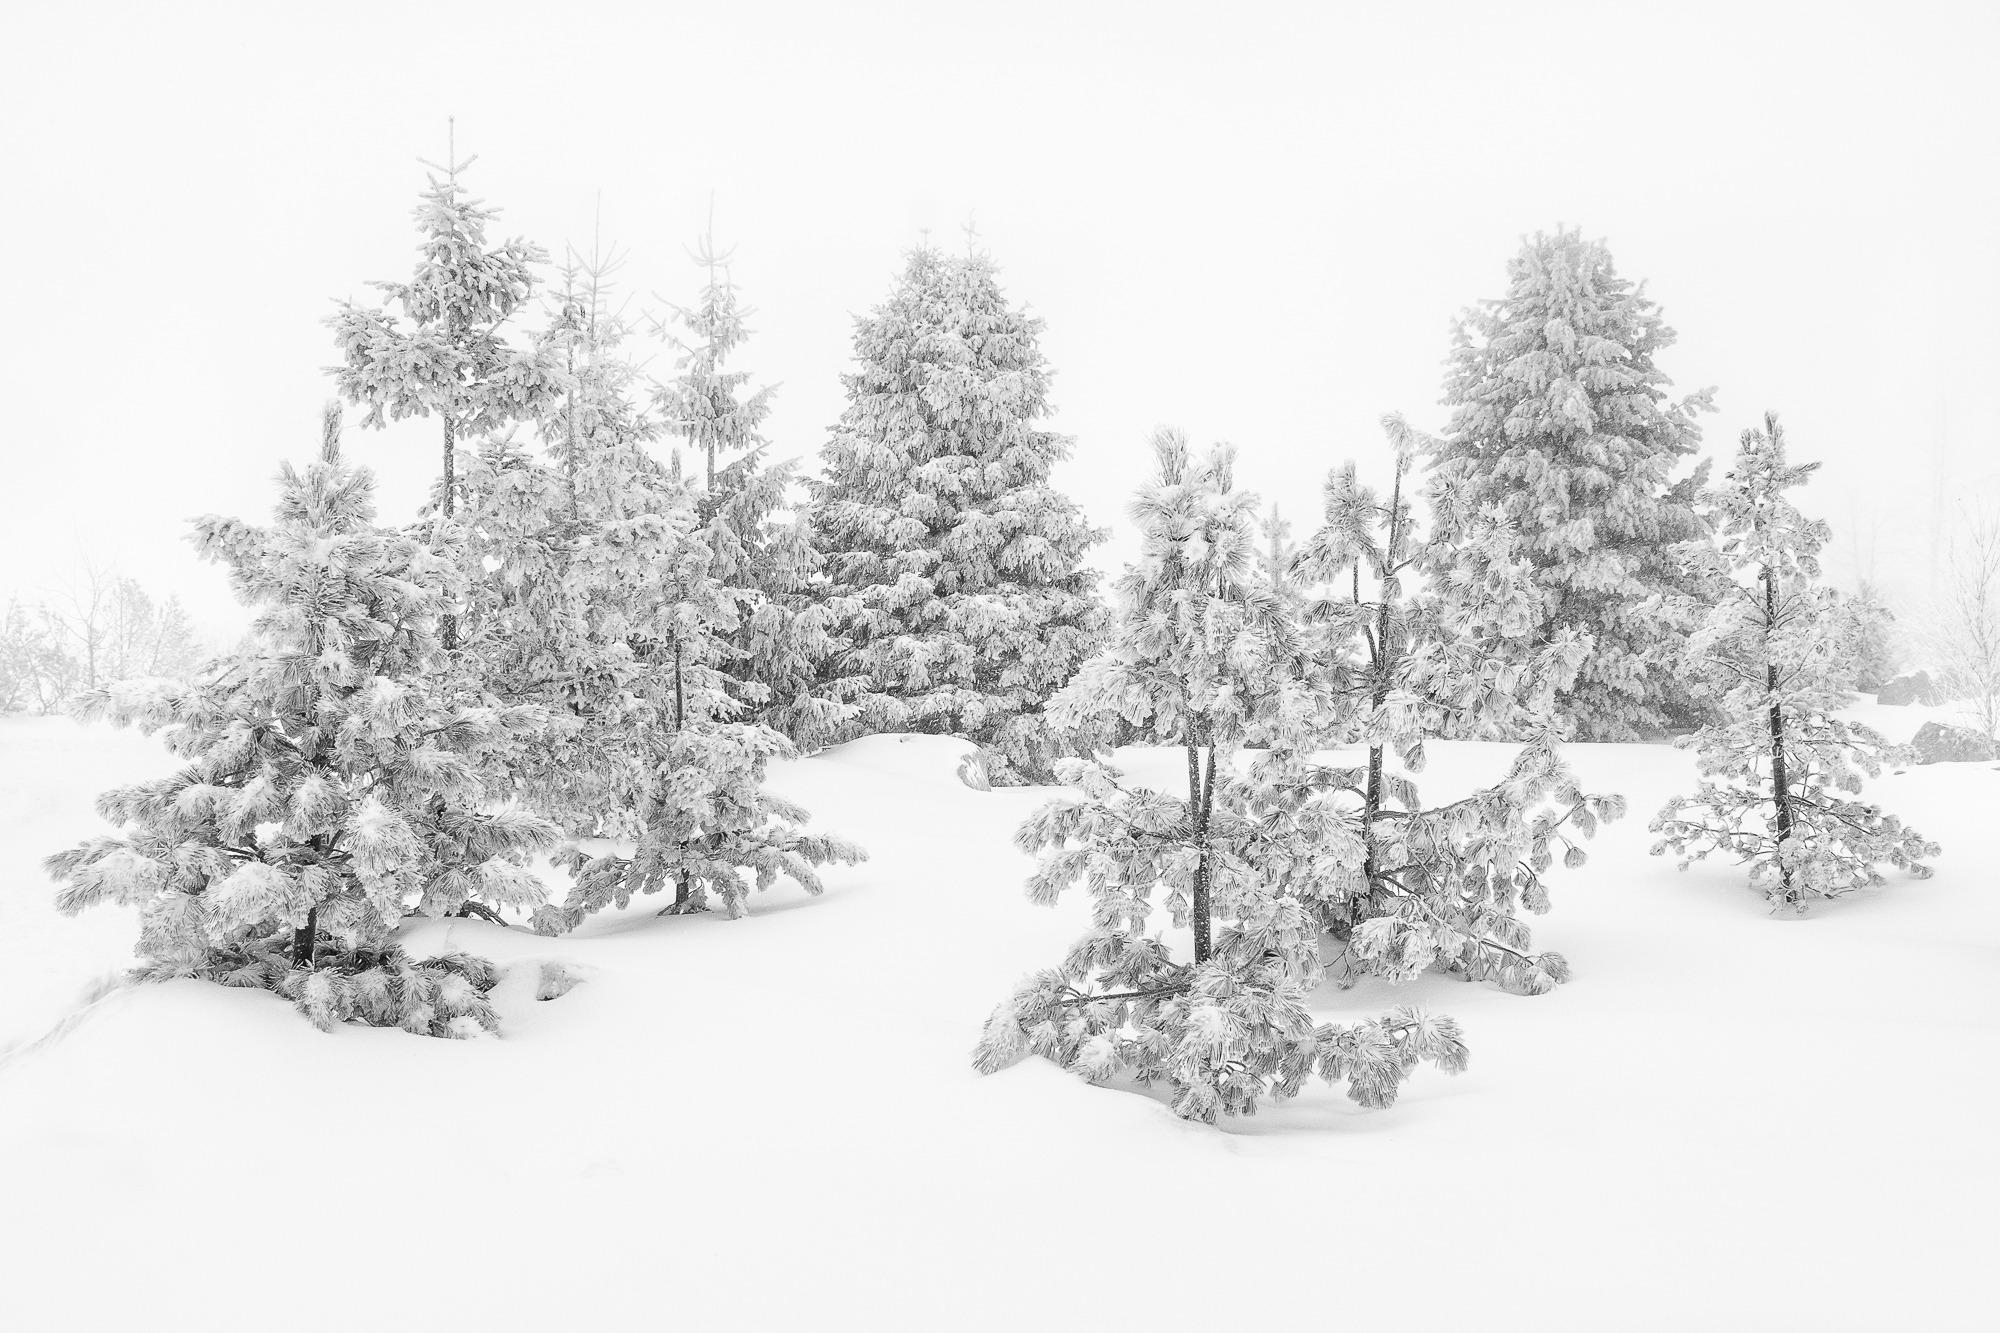 In Winter Wonderland